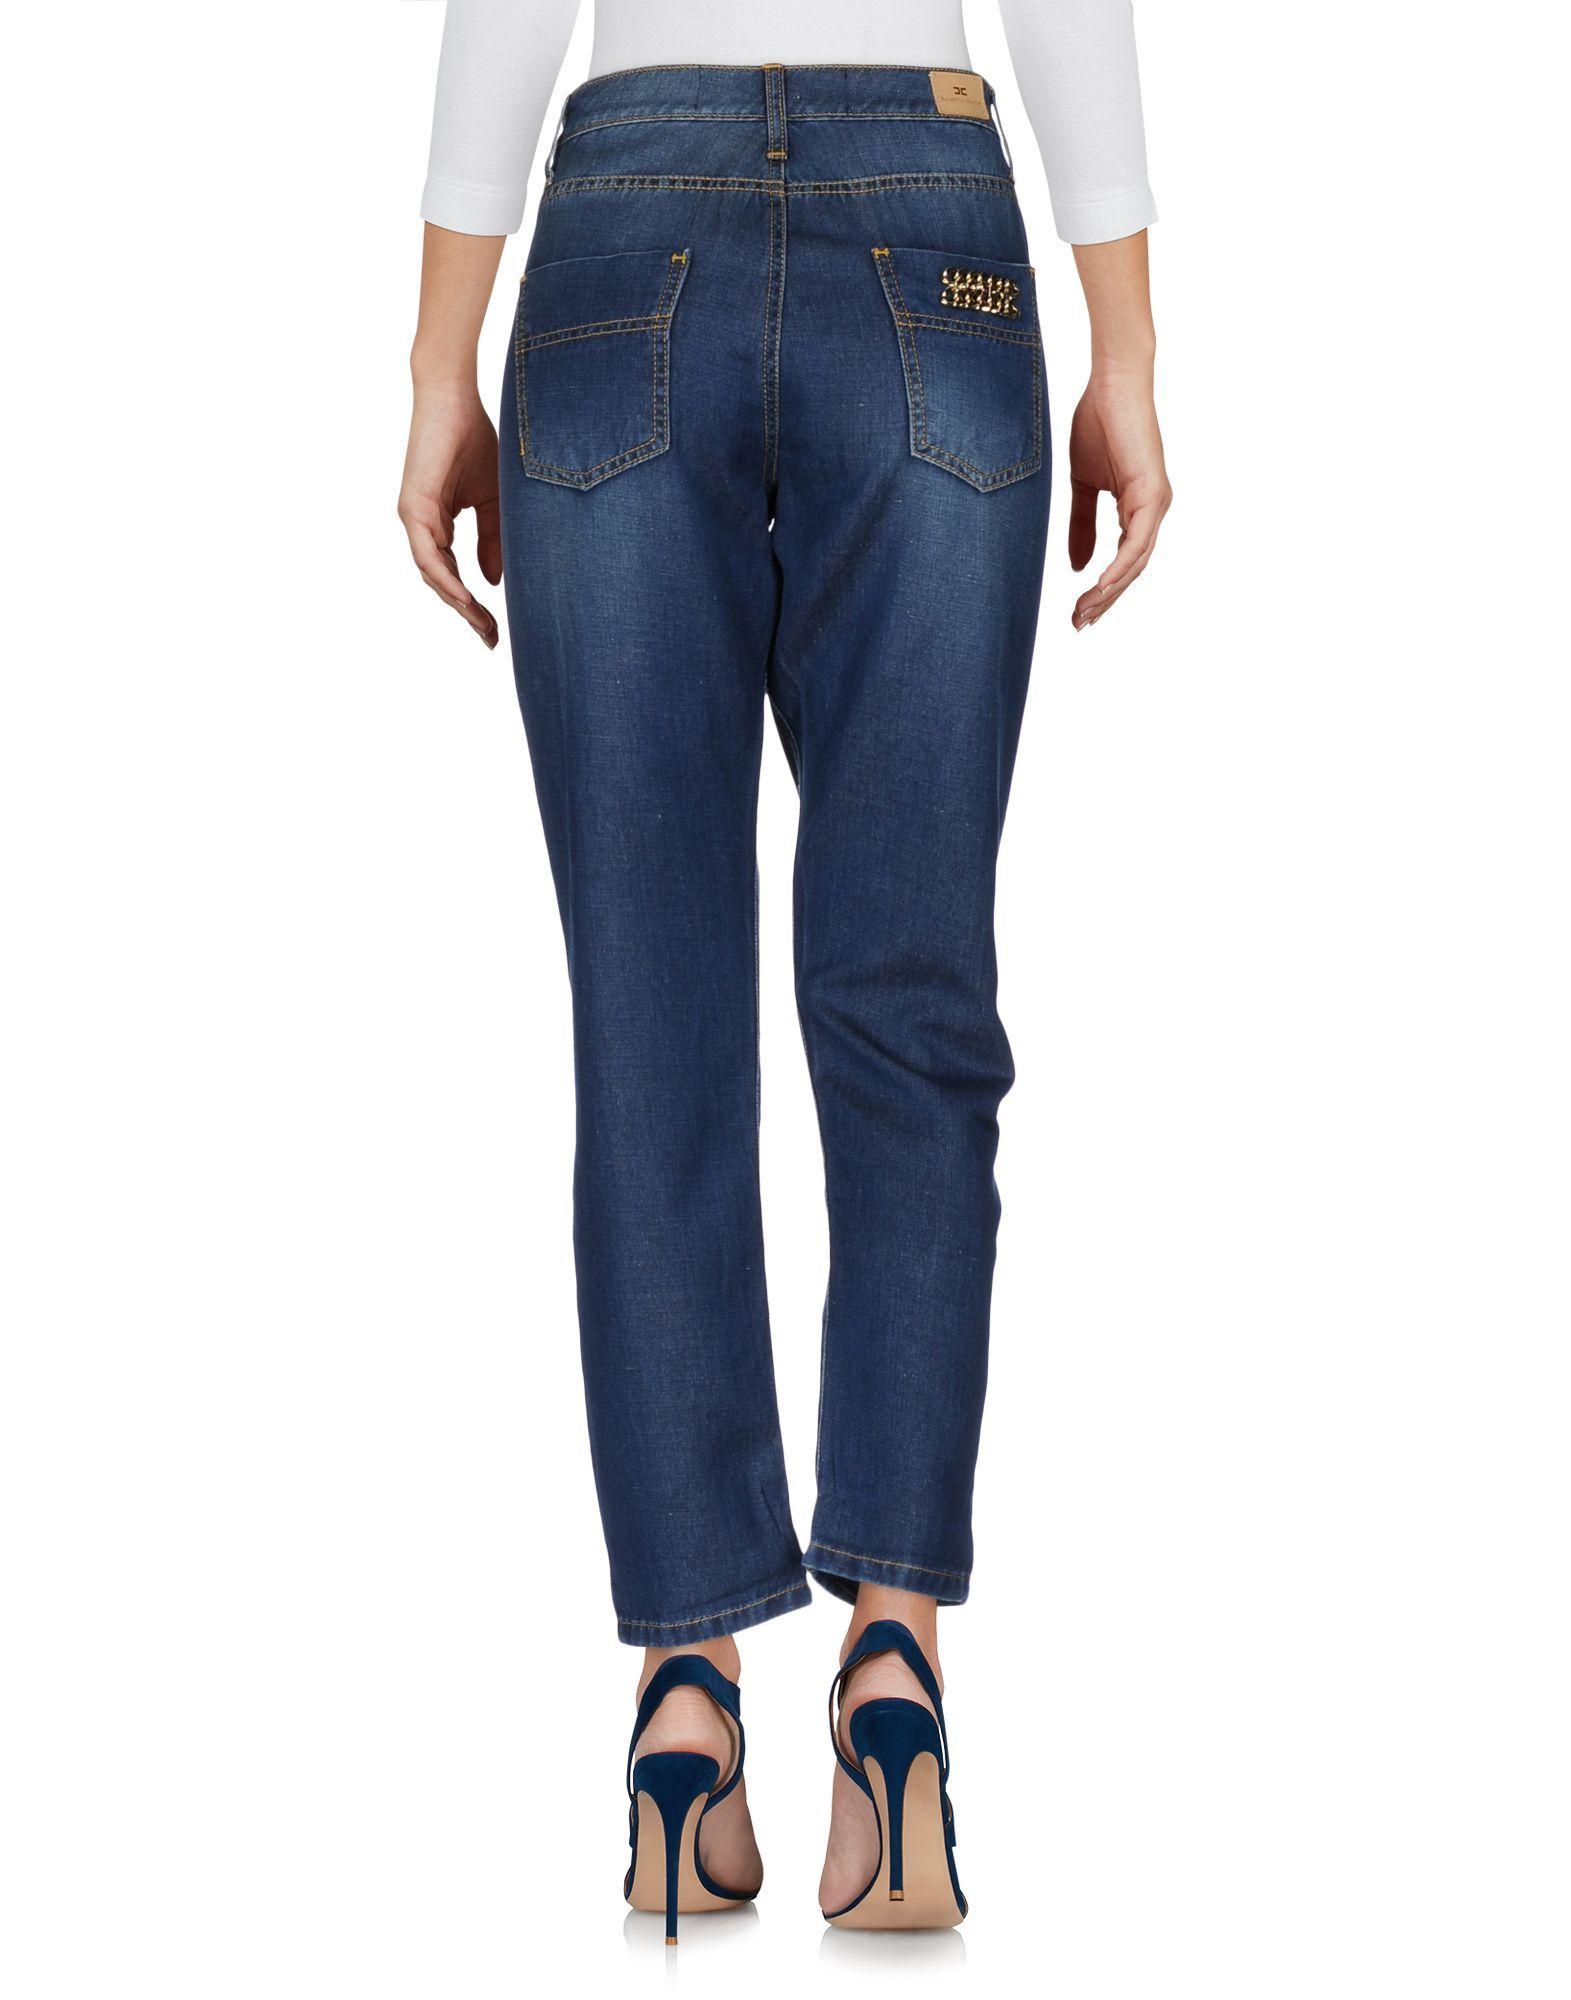 Elisabetta Franchi Jeans Blue Cotton Jeans